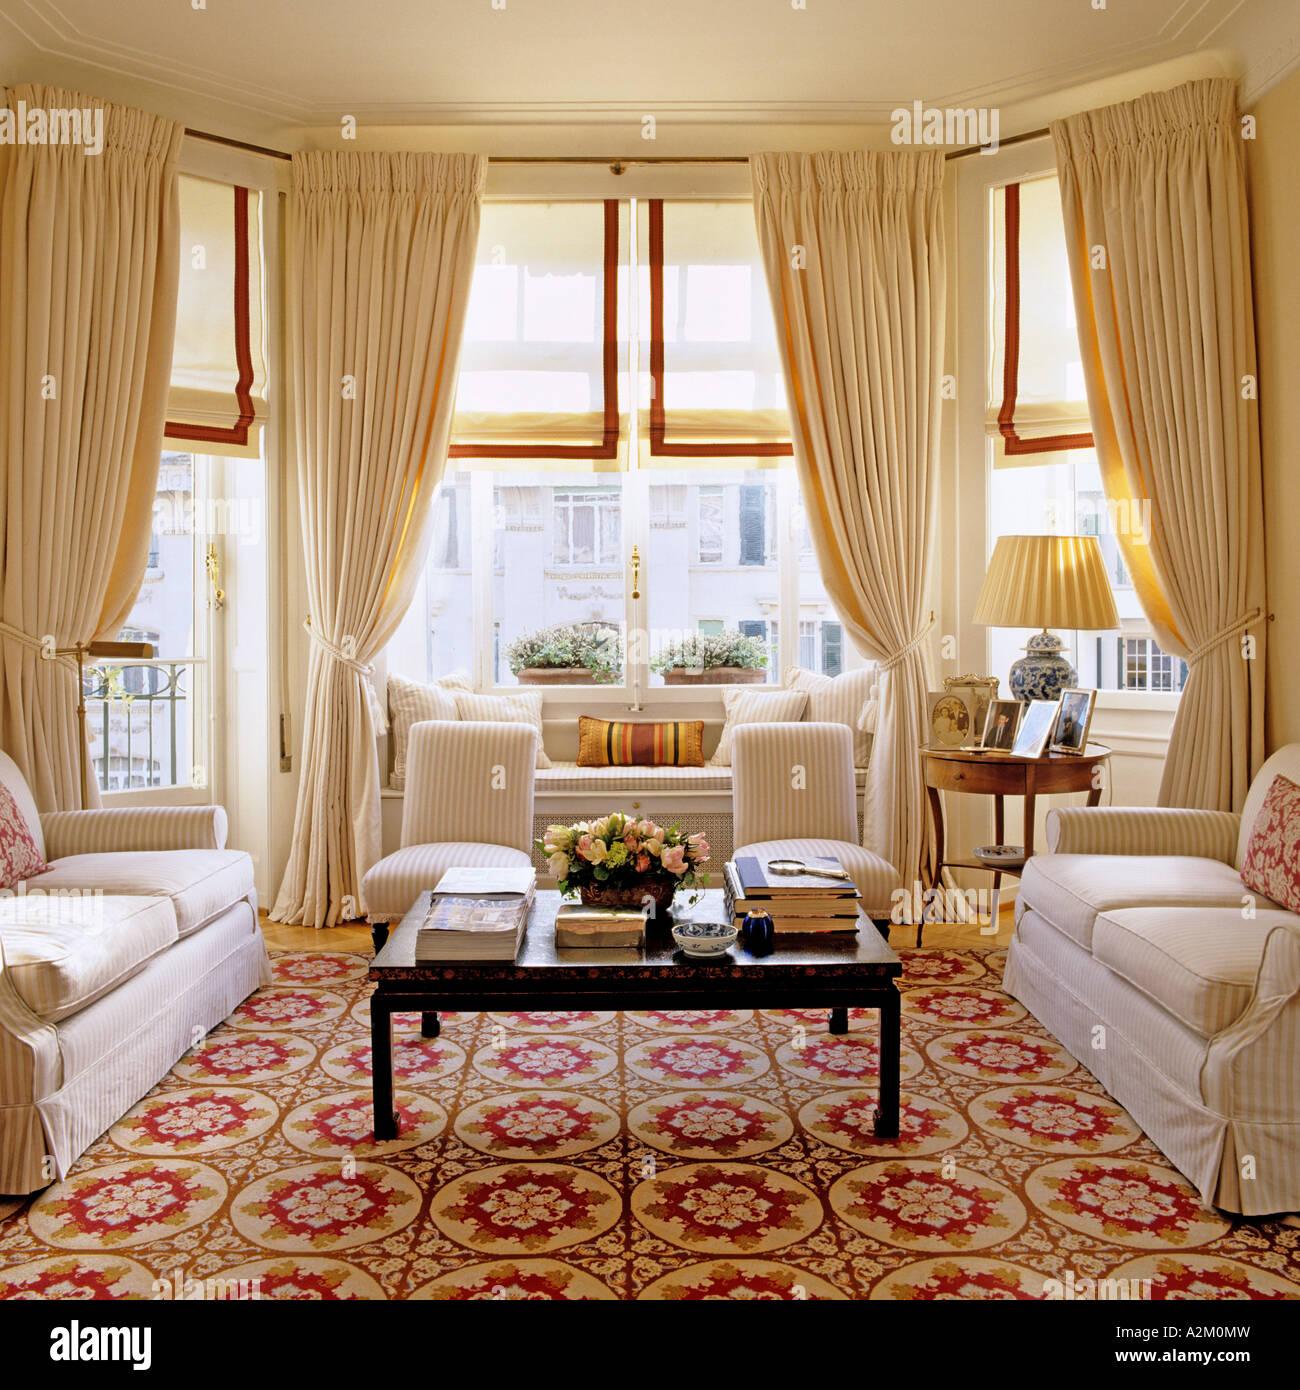 Grande salle de séjour avec trois sofas, tapis à motifs et de fenêtres en baie Photo Stock